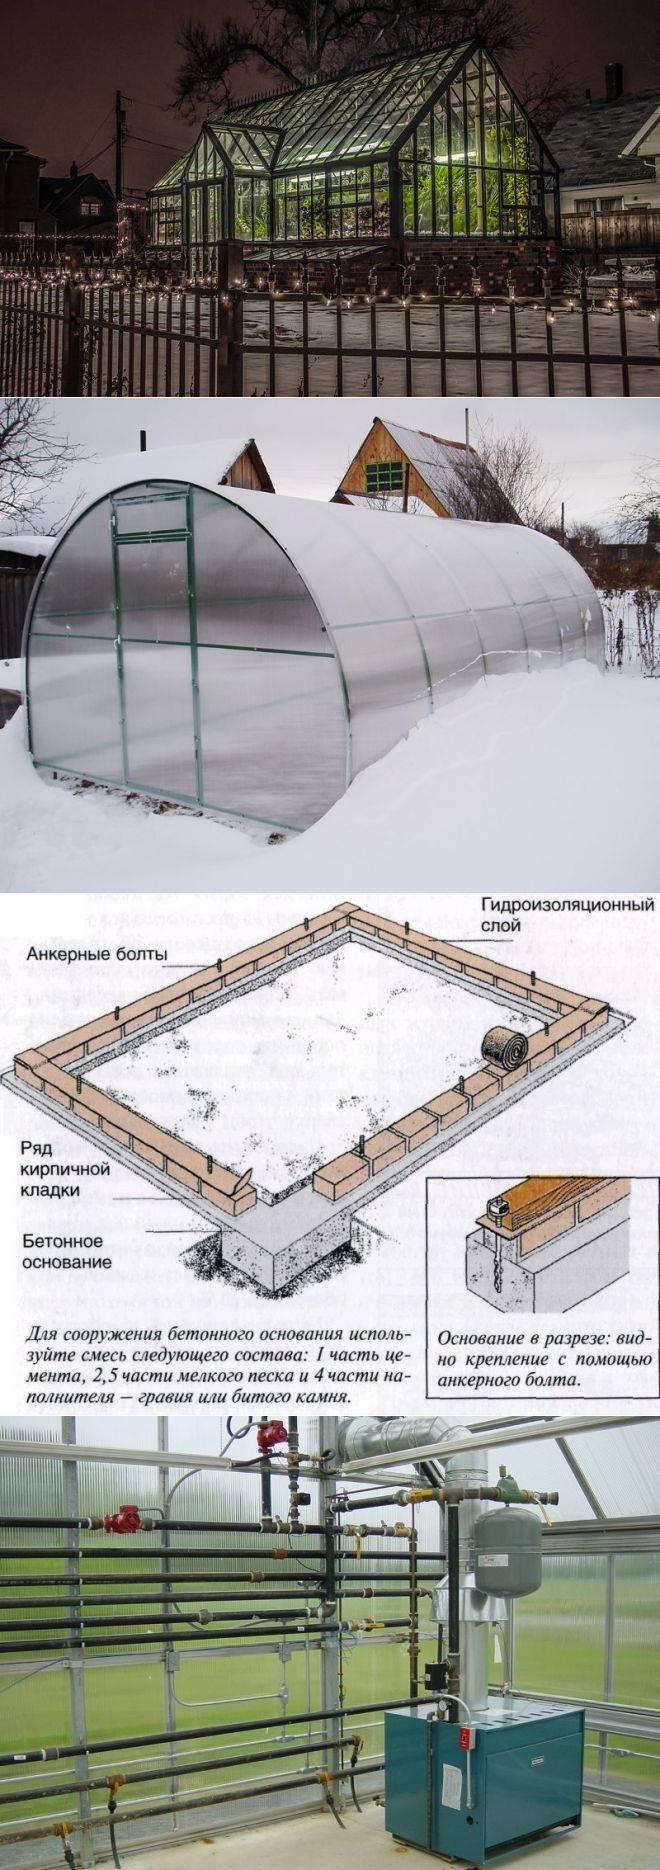 Зимняя теплица своими руками - самая подробная инструкция!